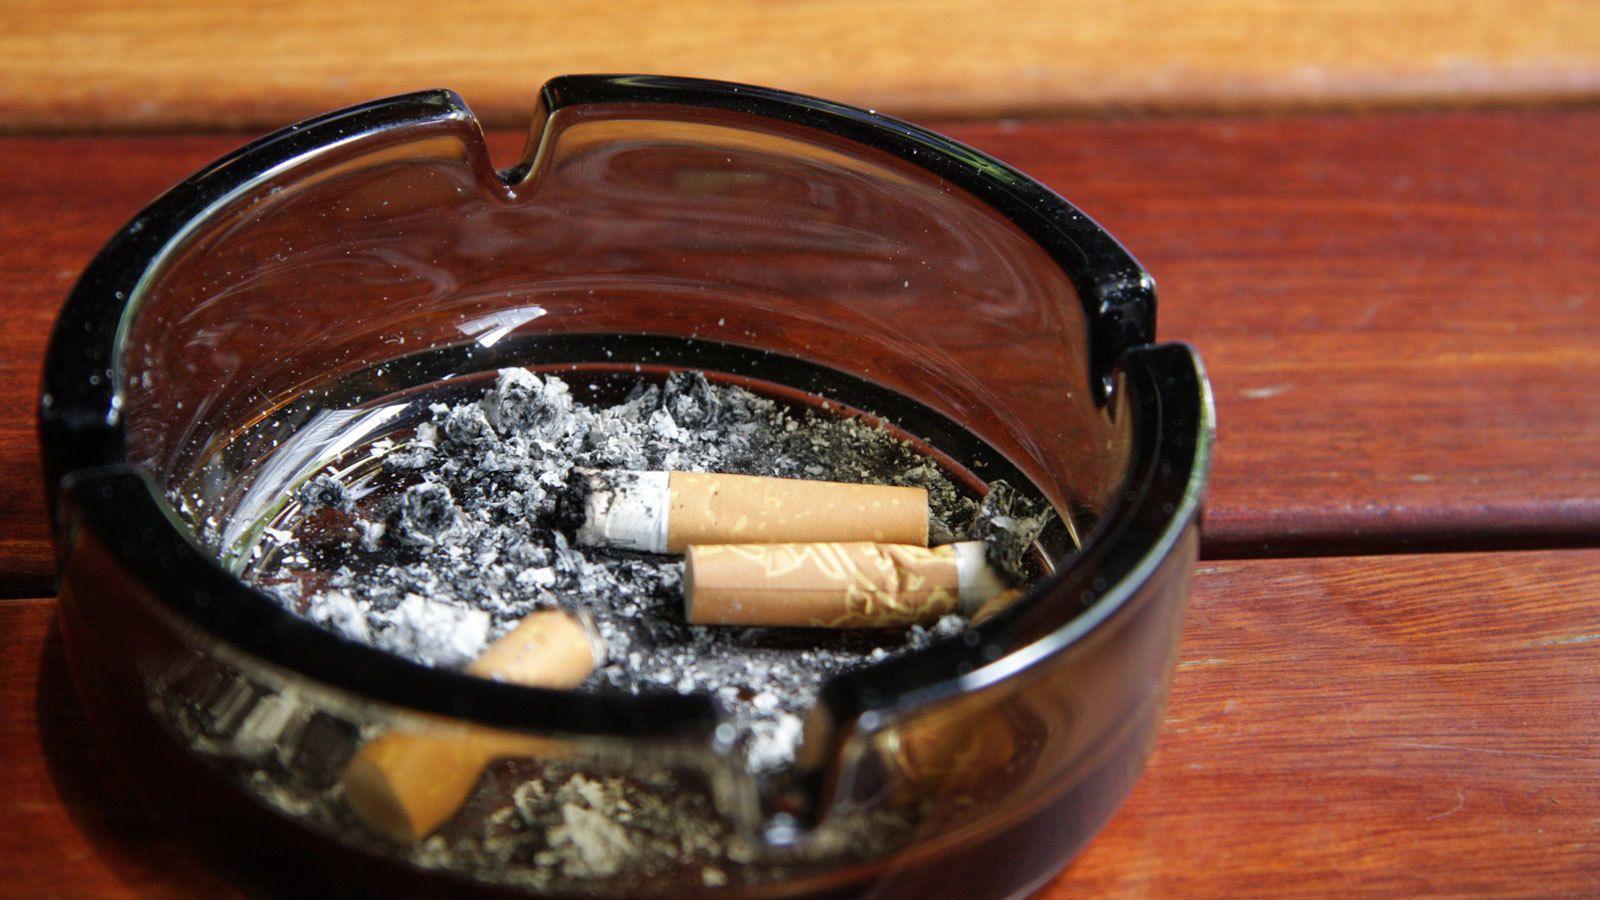 吸う 芸能人 タバコ